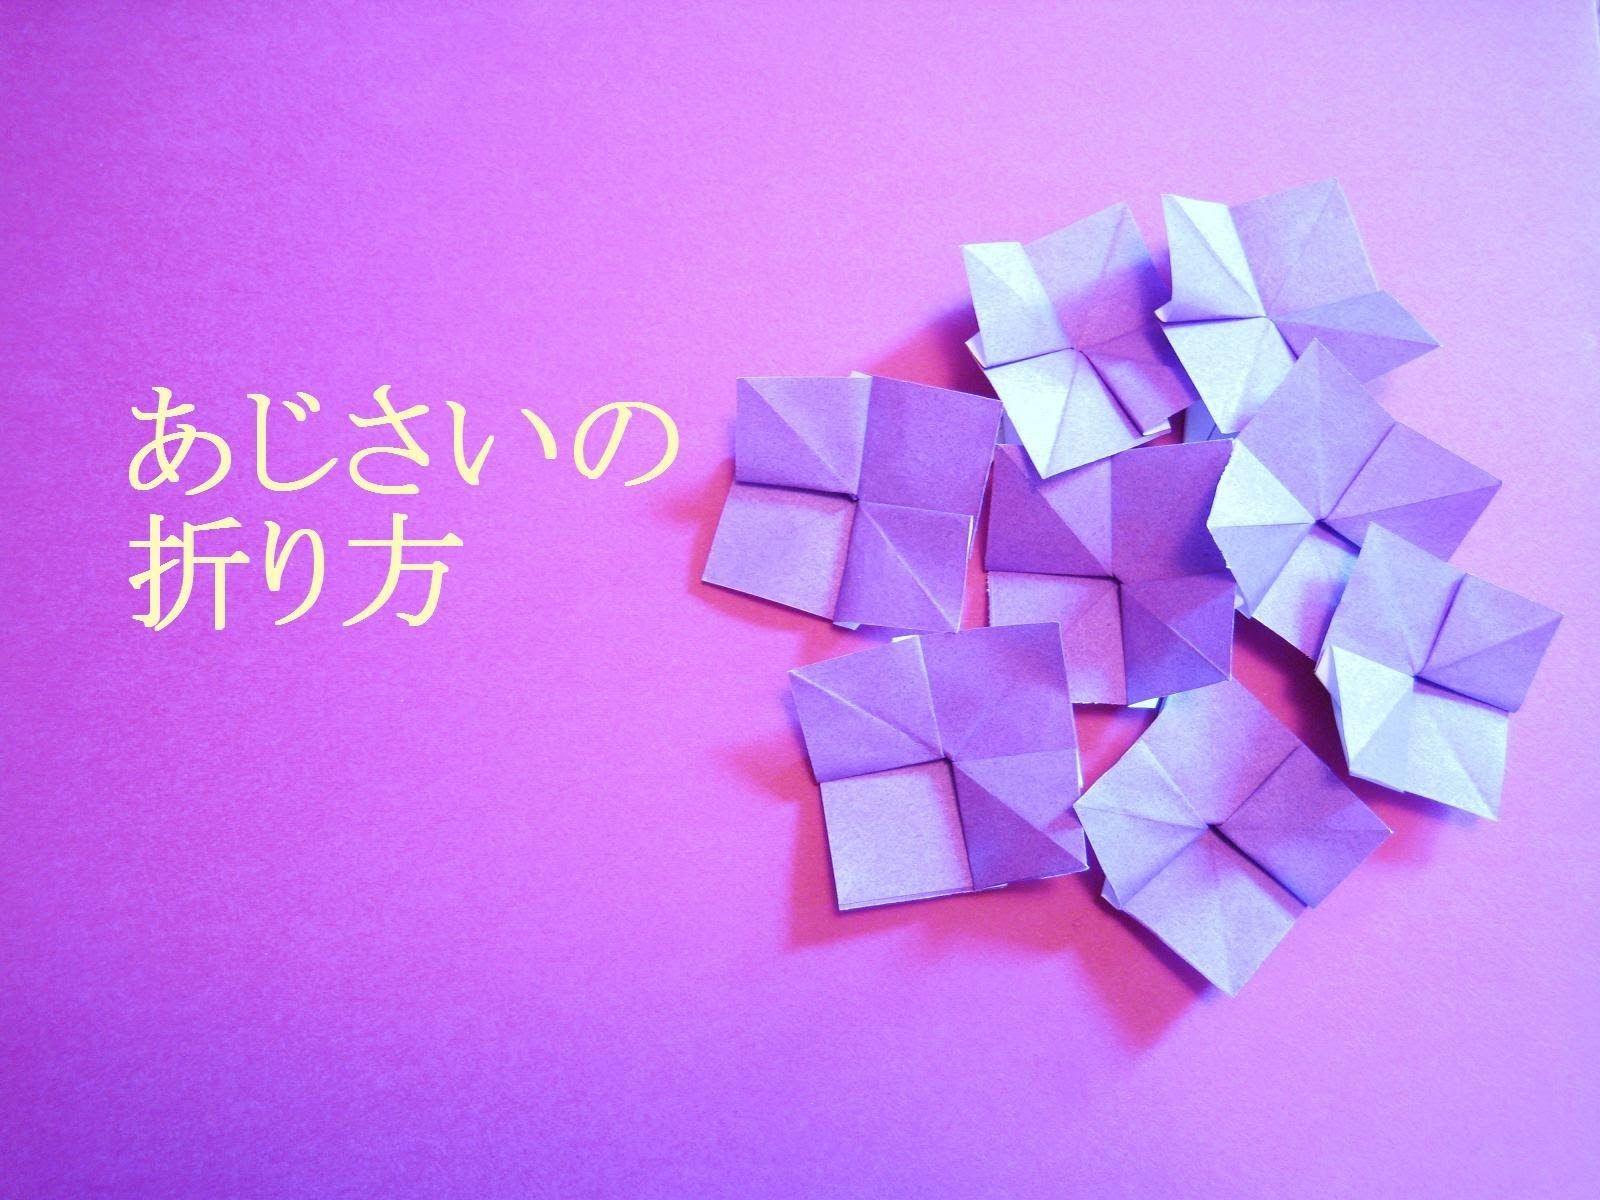 折り紙 あじさい折り方 作り方 母の日 父の日カード工作3歳から簡単 折り紙 あじさい 父の日 カード 手作り 折り紙